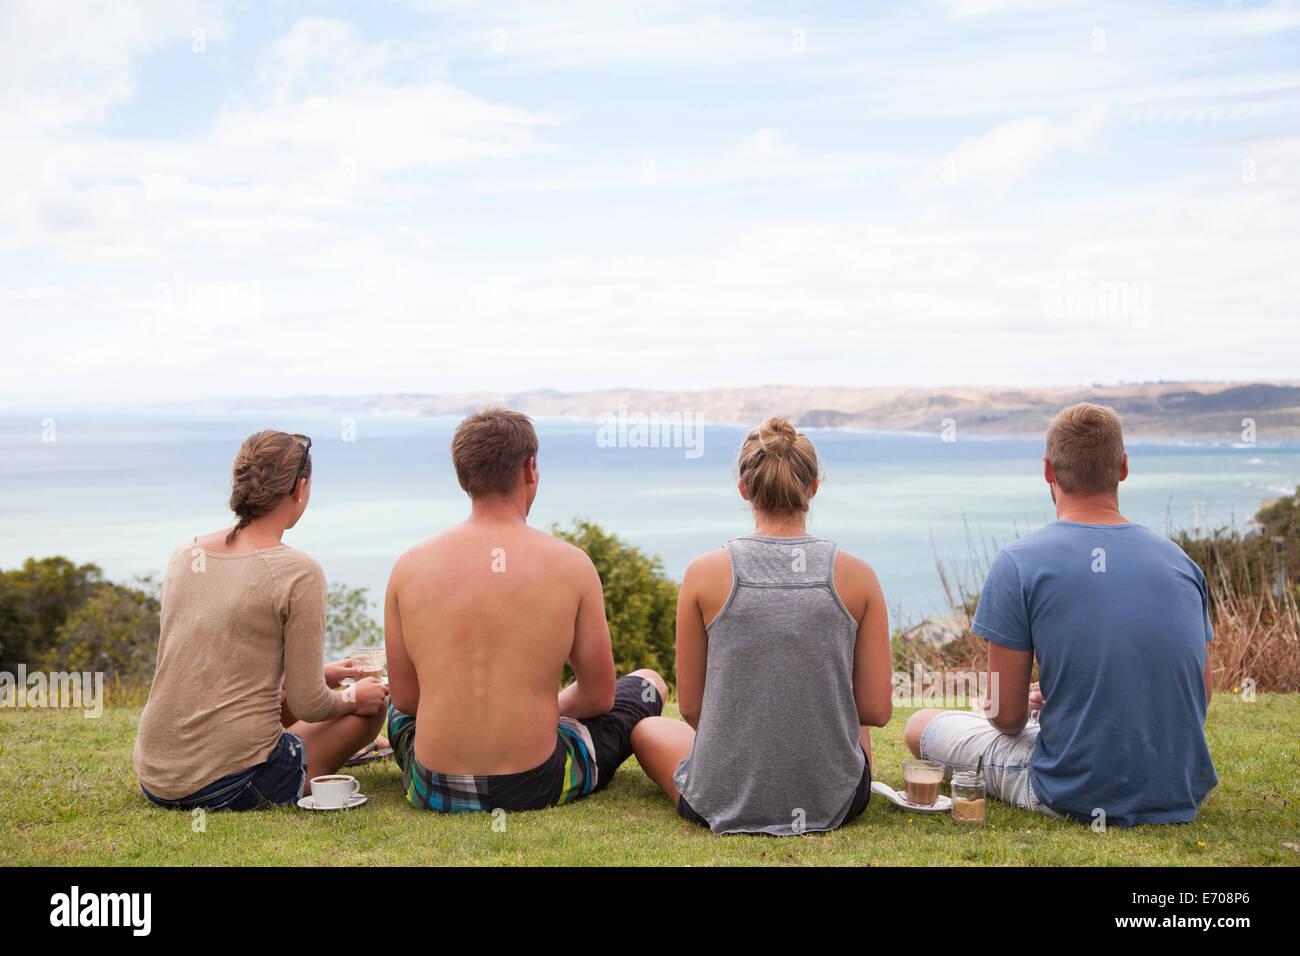 Vista posteriore di quattro amici seduti alla ricerca di distanza al mare Immagini Stock